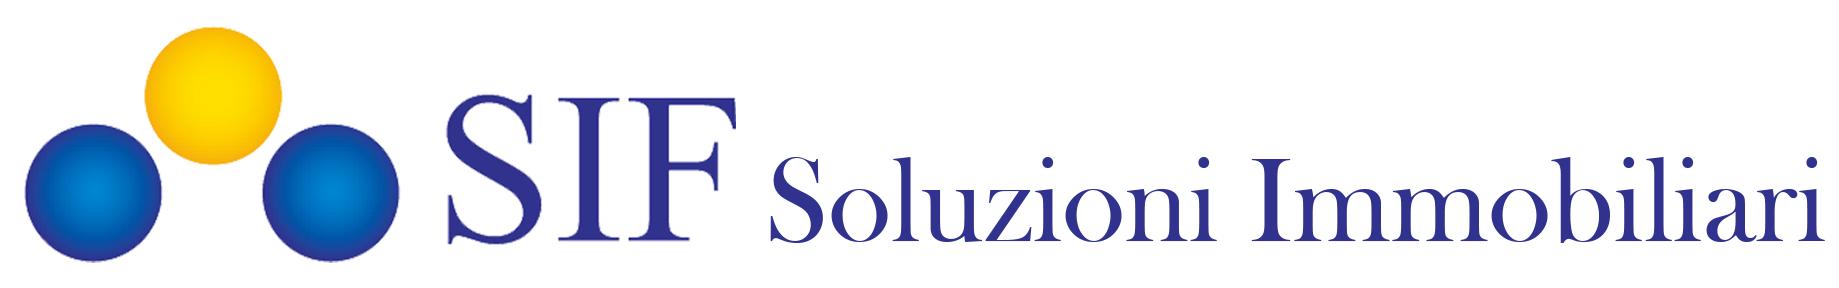 SIF Soluzioni Immobiliari S.r.l. Unipersonale